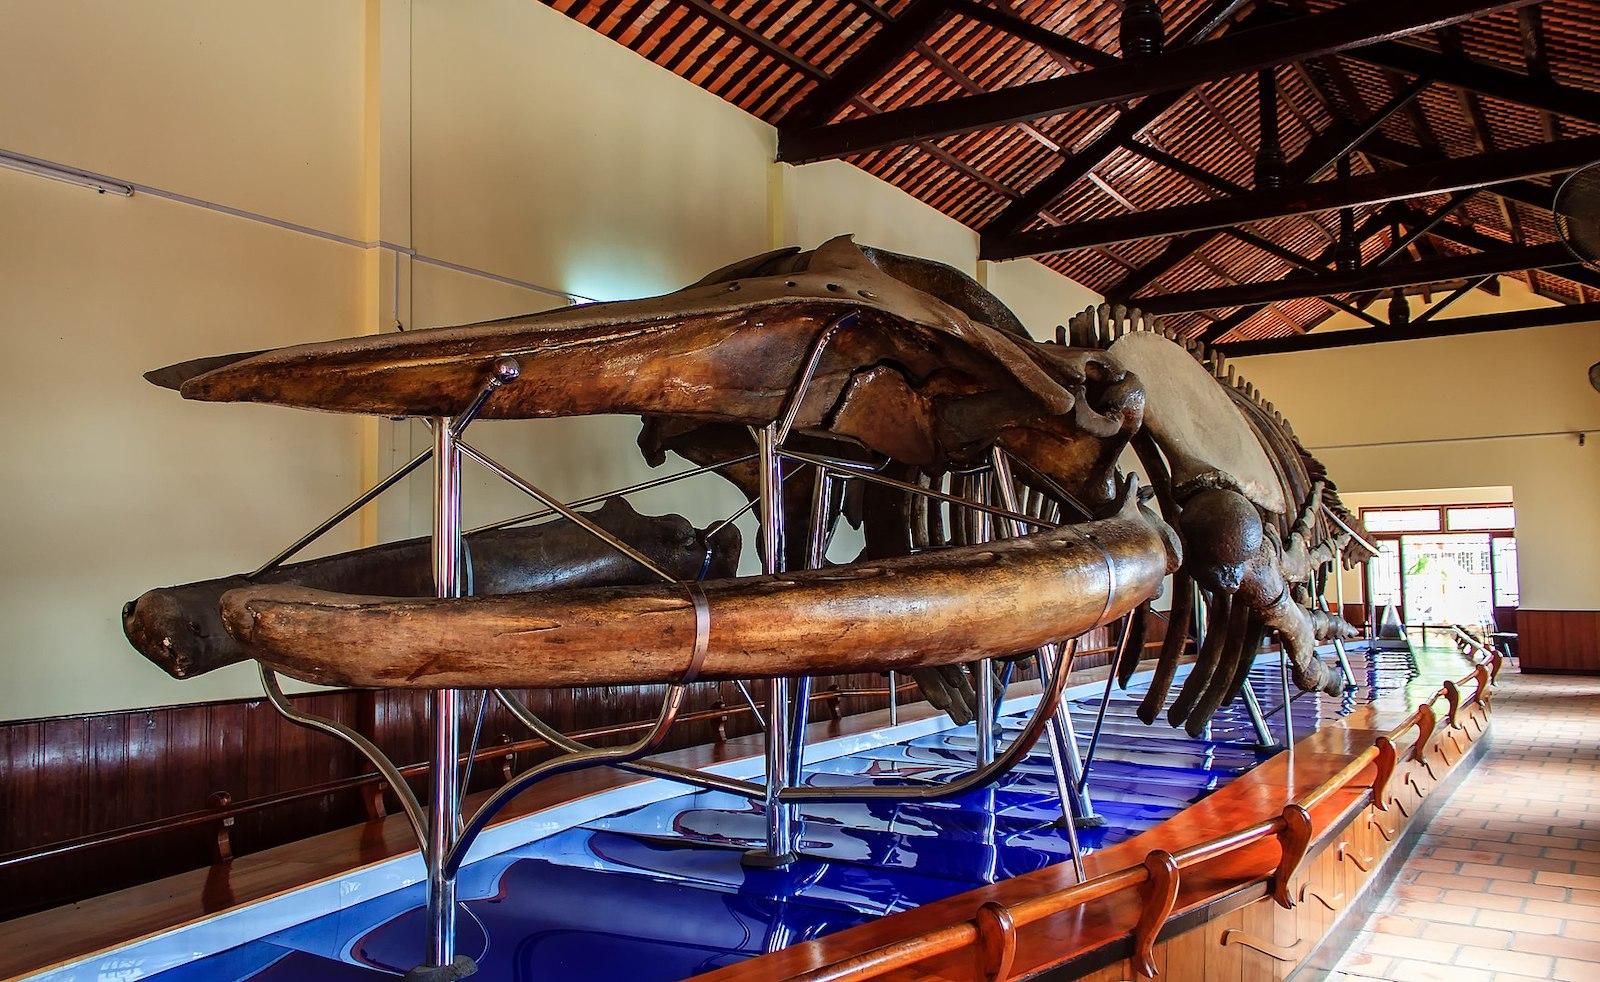 Image of a whale skeleton in Van Thuy Tu Temple in Phan Thiet, Vietnam